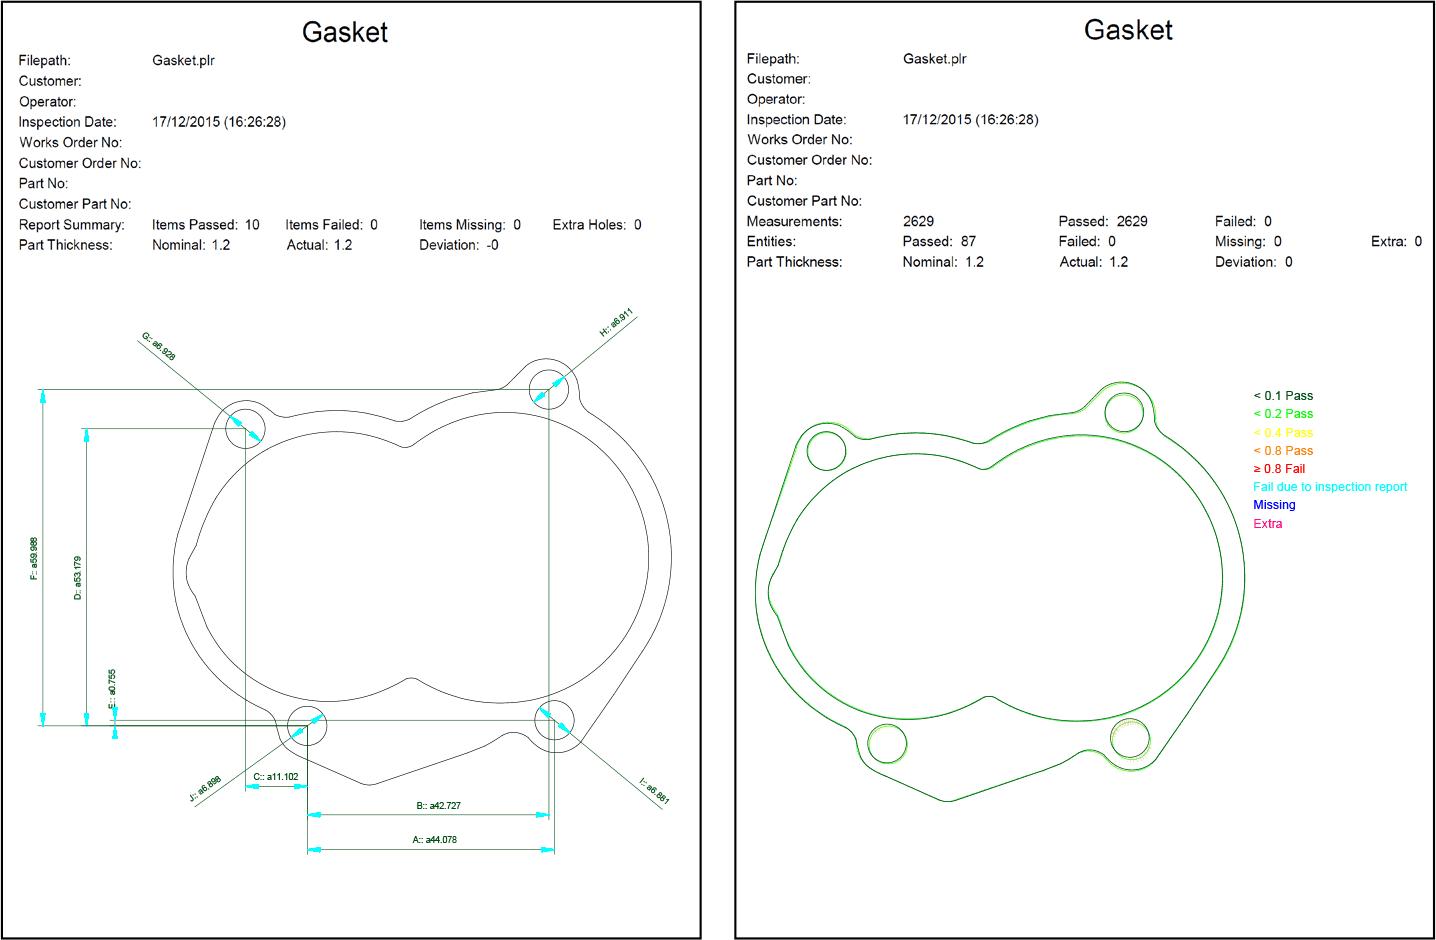 gasket-9